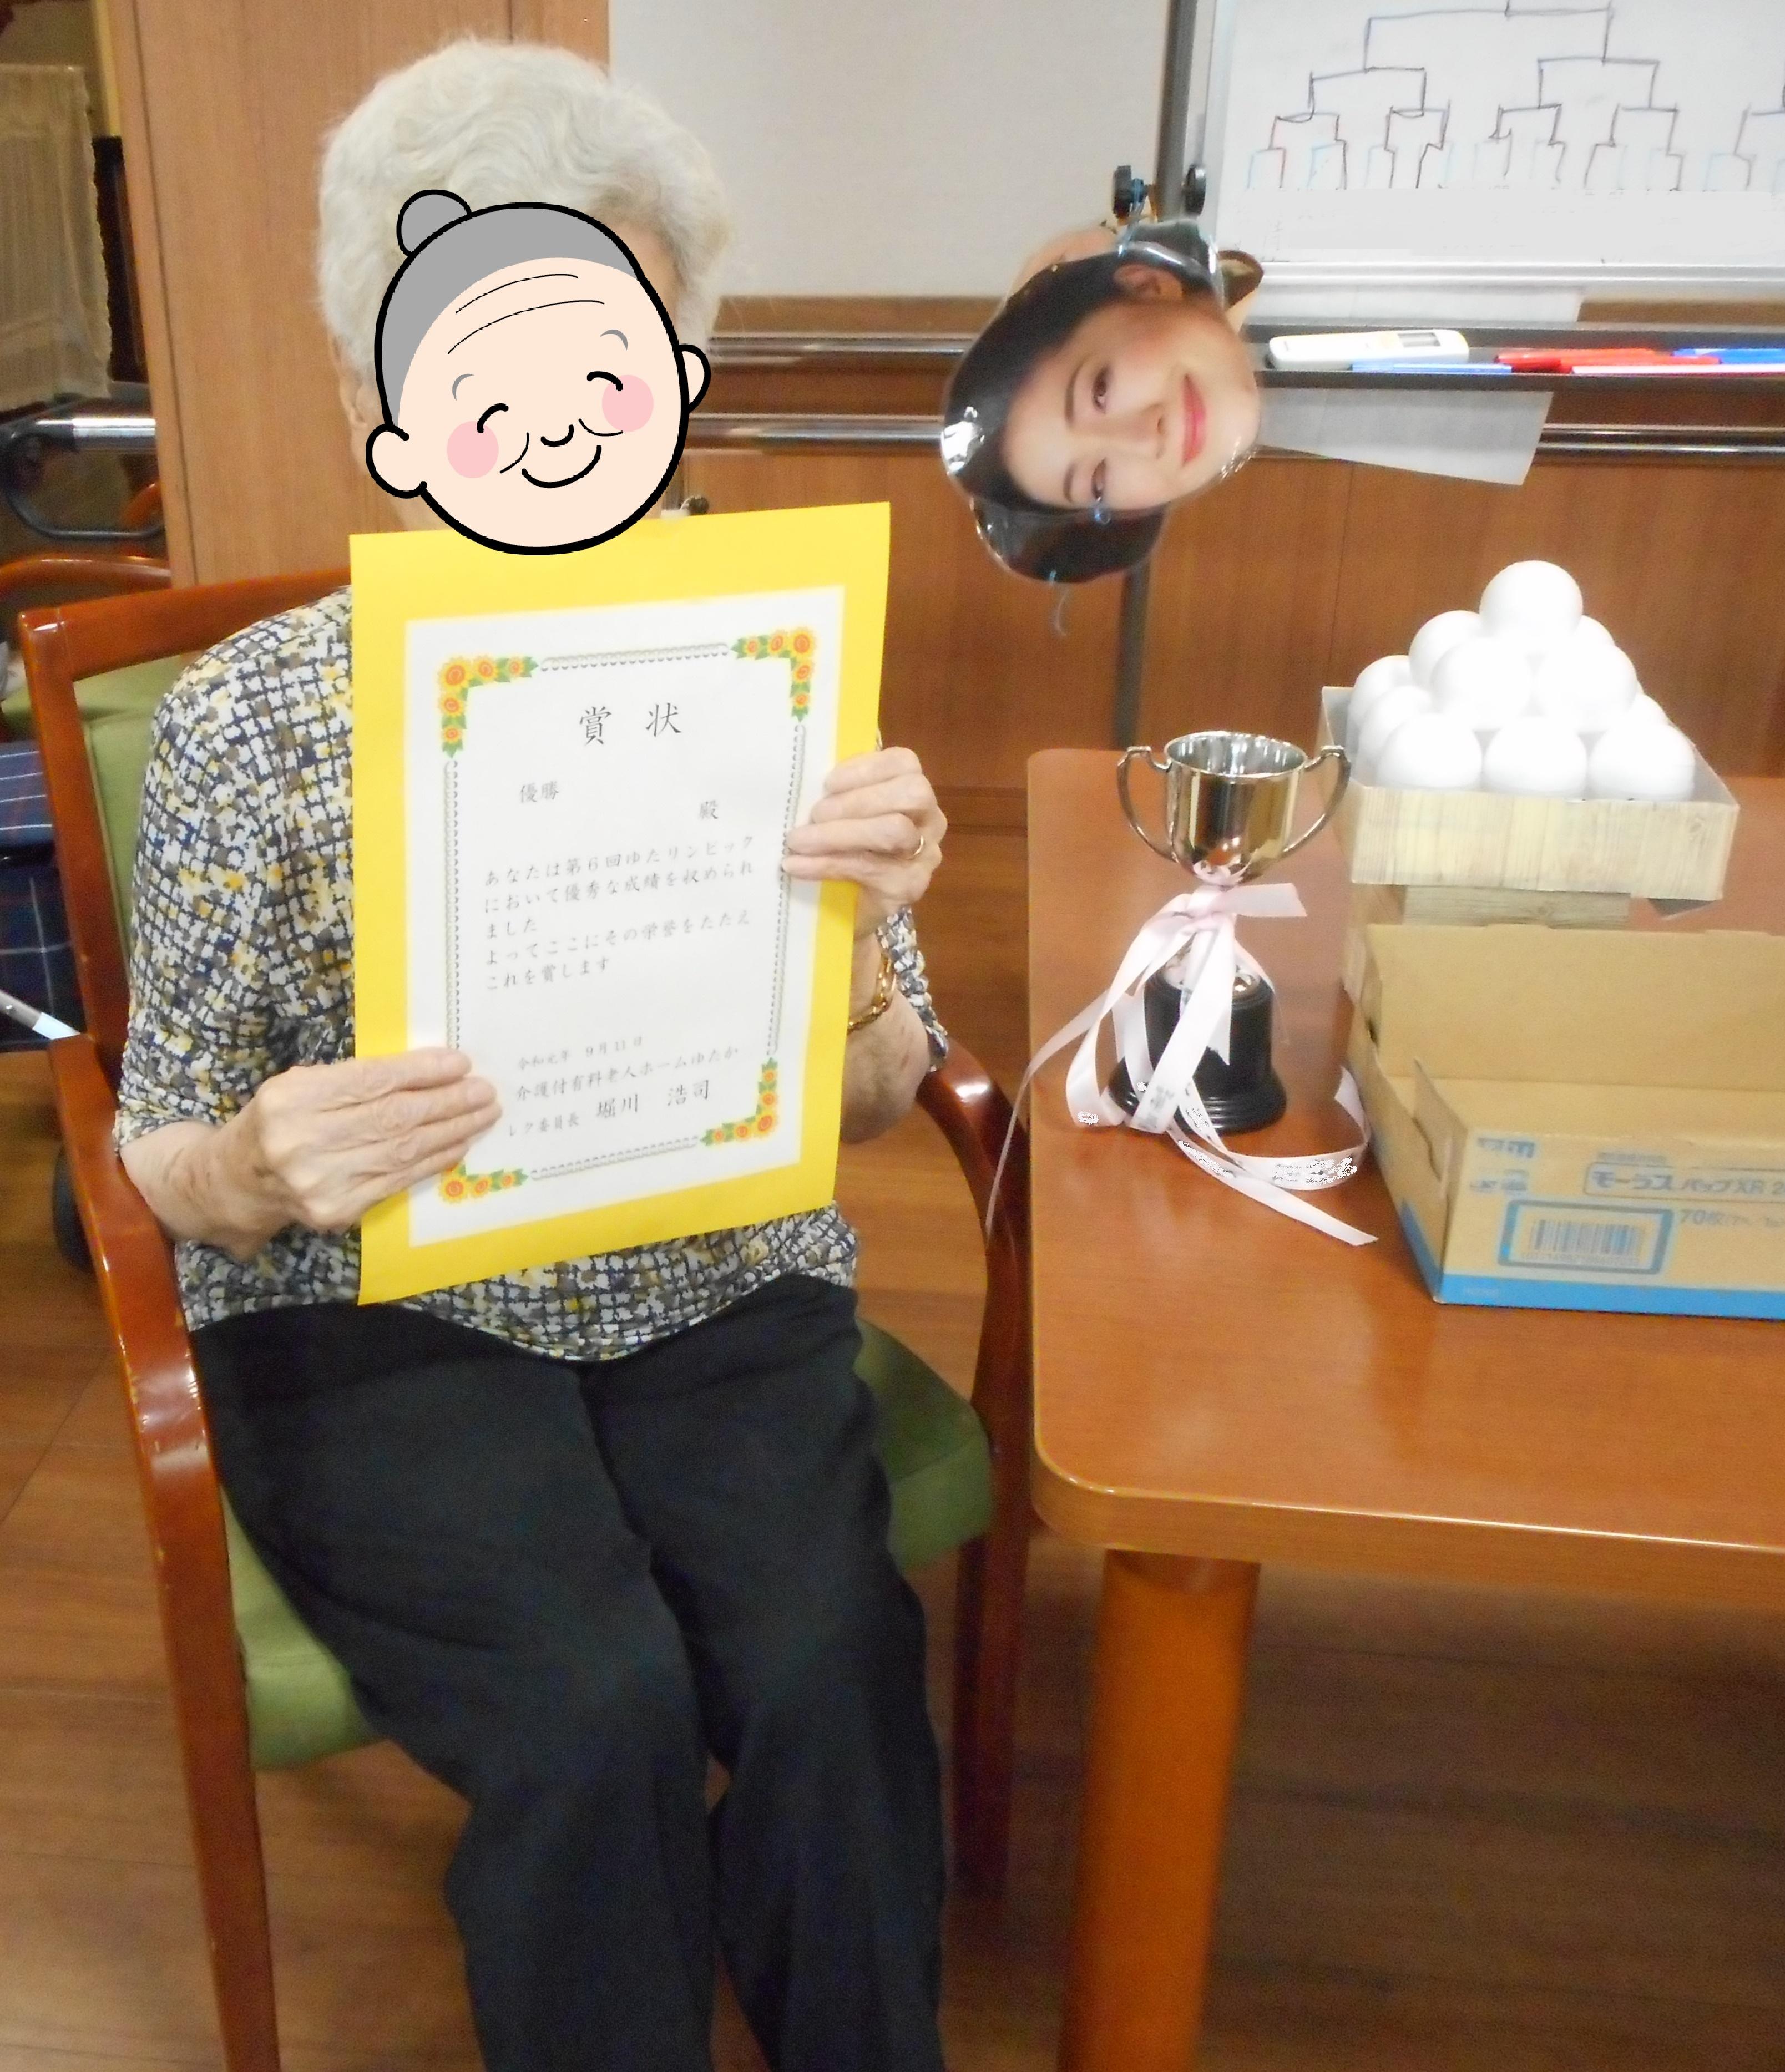 令和元年度 第6回 ゆたリンピック開催(介護付有料老人ホームゆたか)